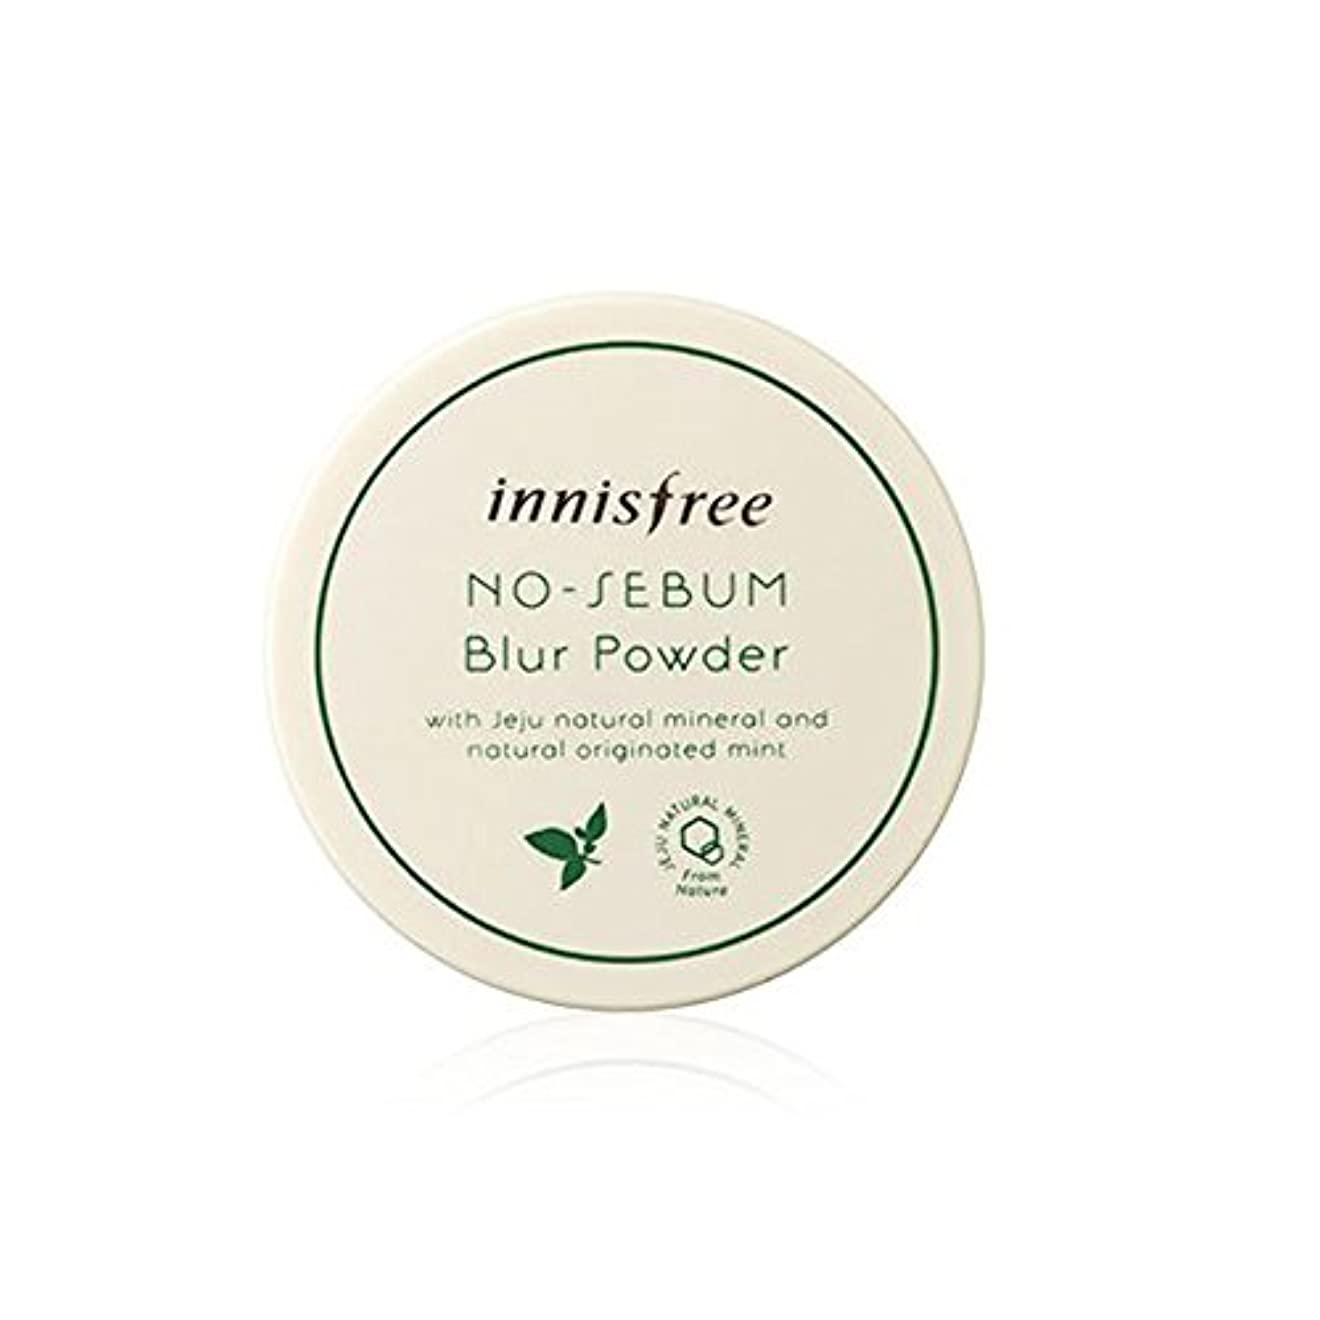 ジェスチャー太鼓腹習字イニスフリー Innisfree ノーシーバム ブラー パウダー(5g) Innisfree No sebum Blur Powder(5g) [海外直送品]